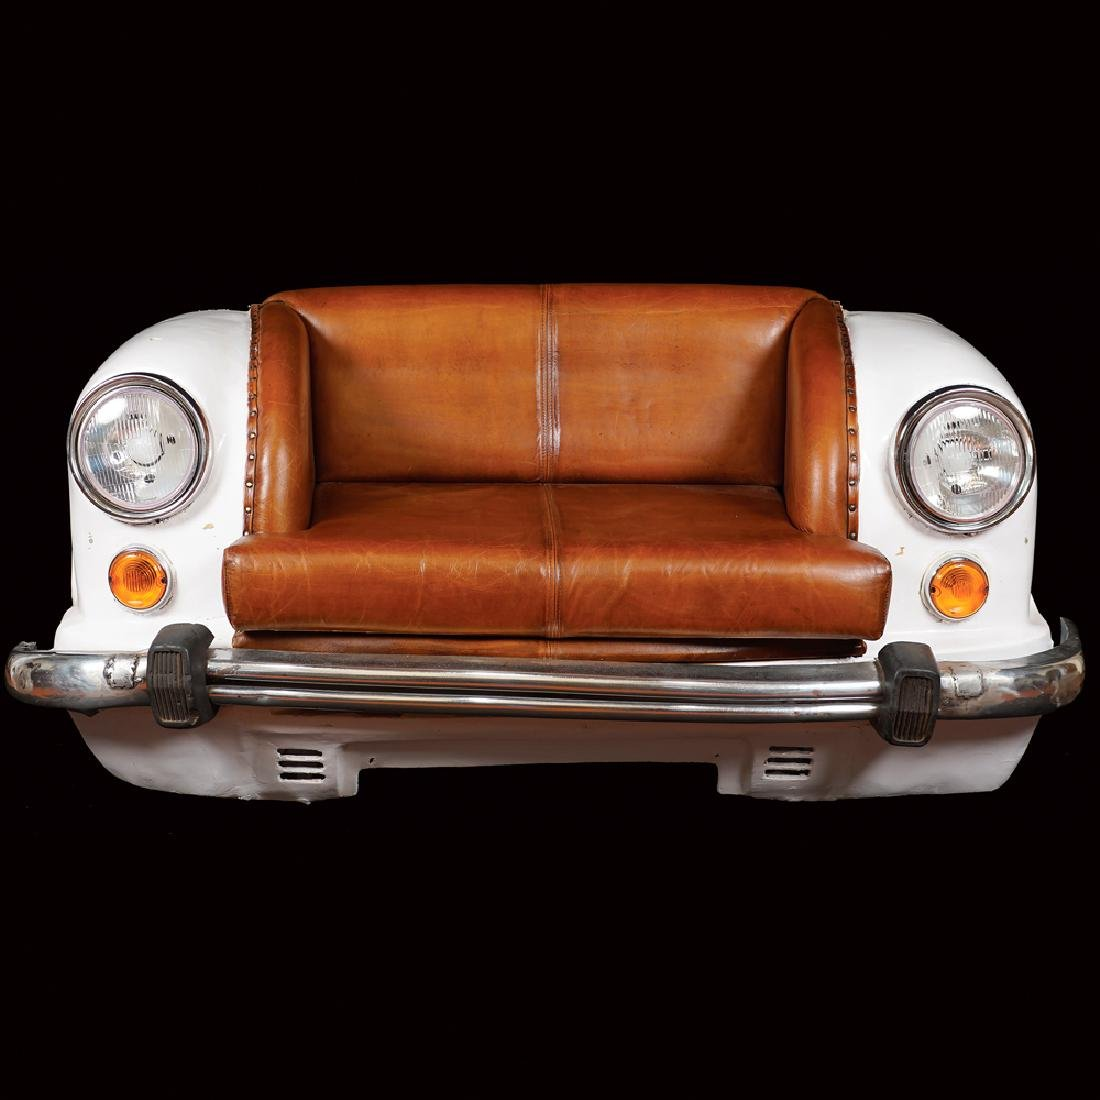 Fiat 850 sofa 20th century 75x150x80 cm.